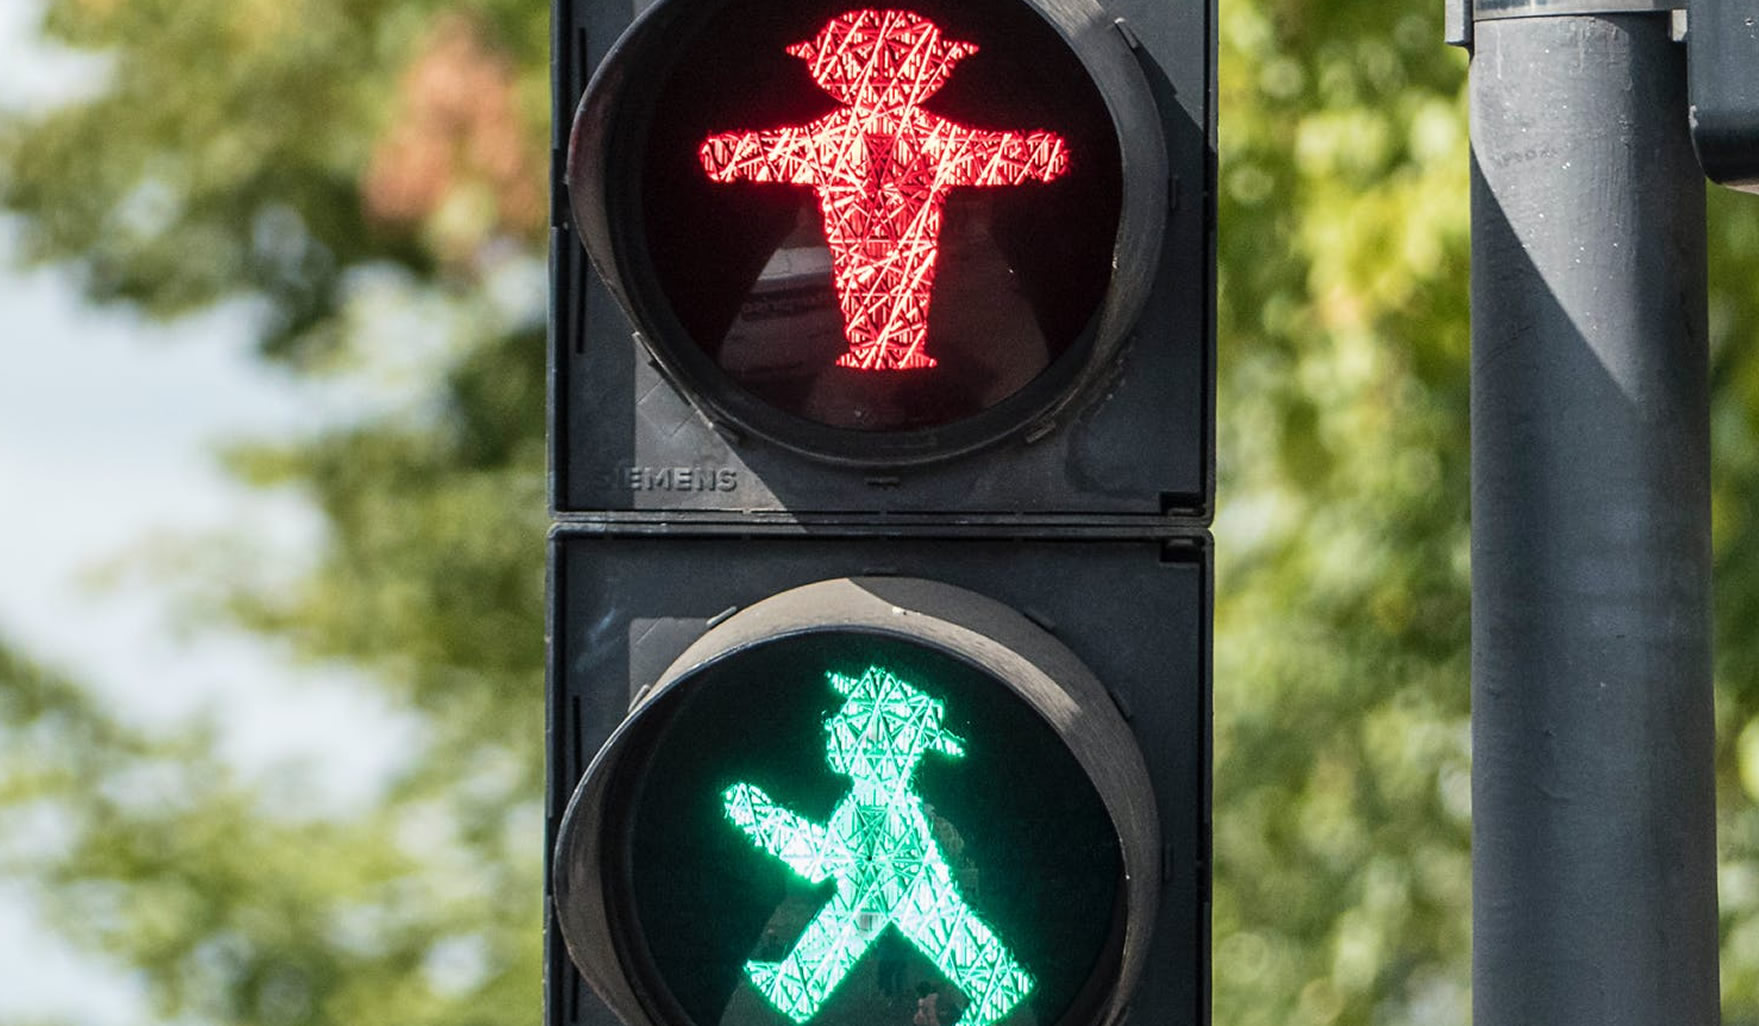 Il sistema di allerta a semaforo adottato a Berlino